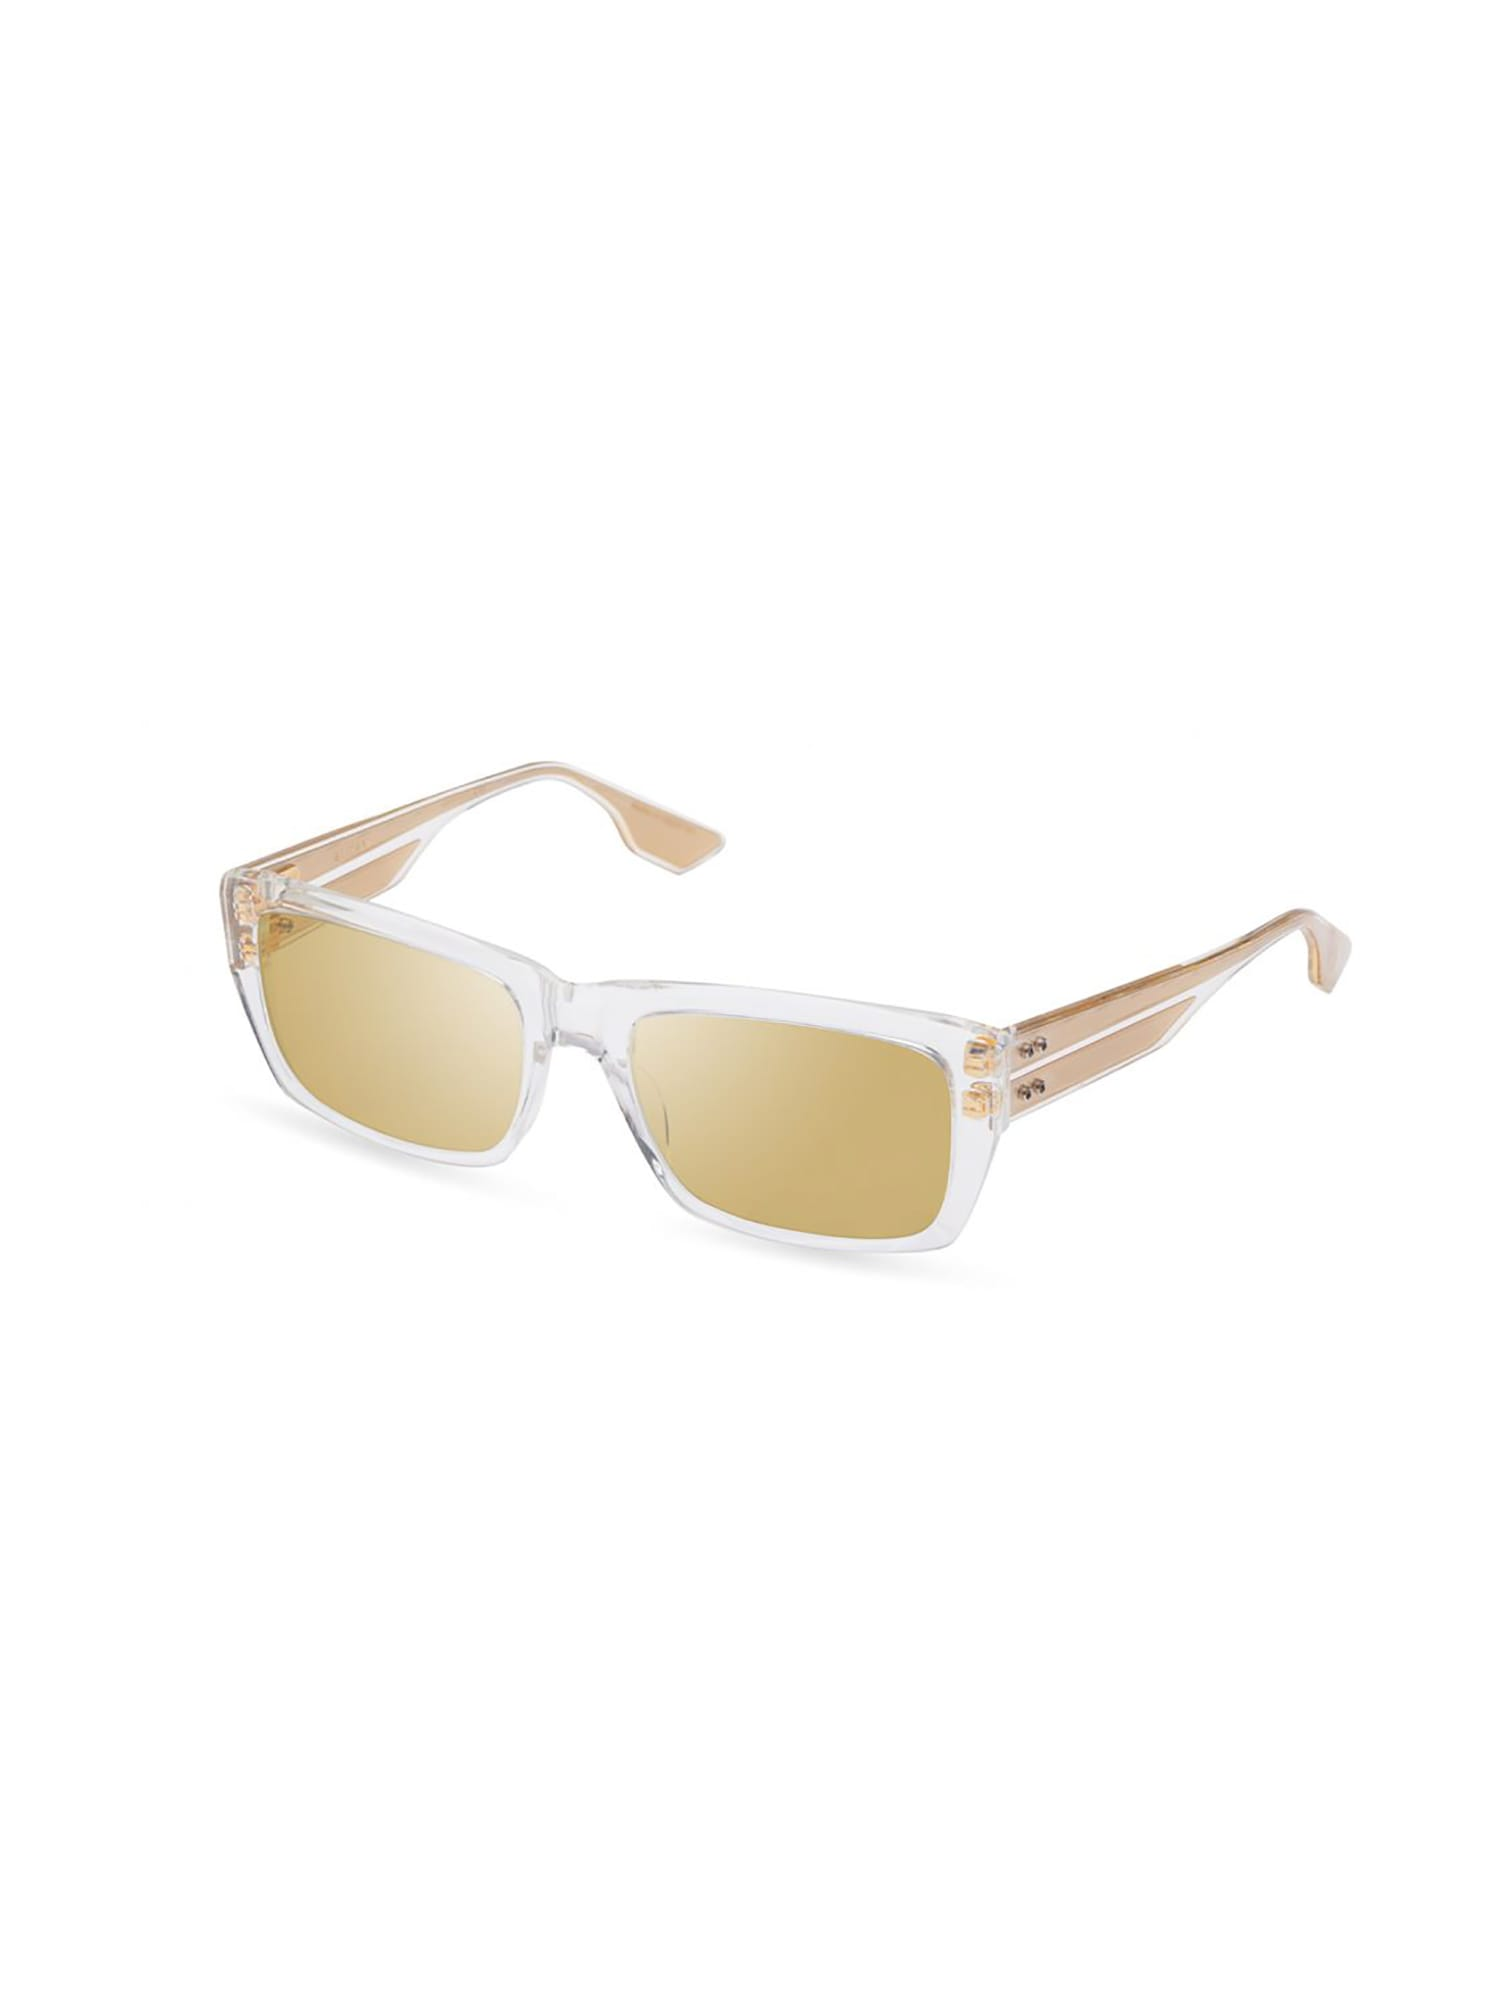 DTS404/A/03 ALICAN Sunglasses